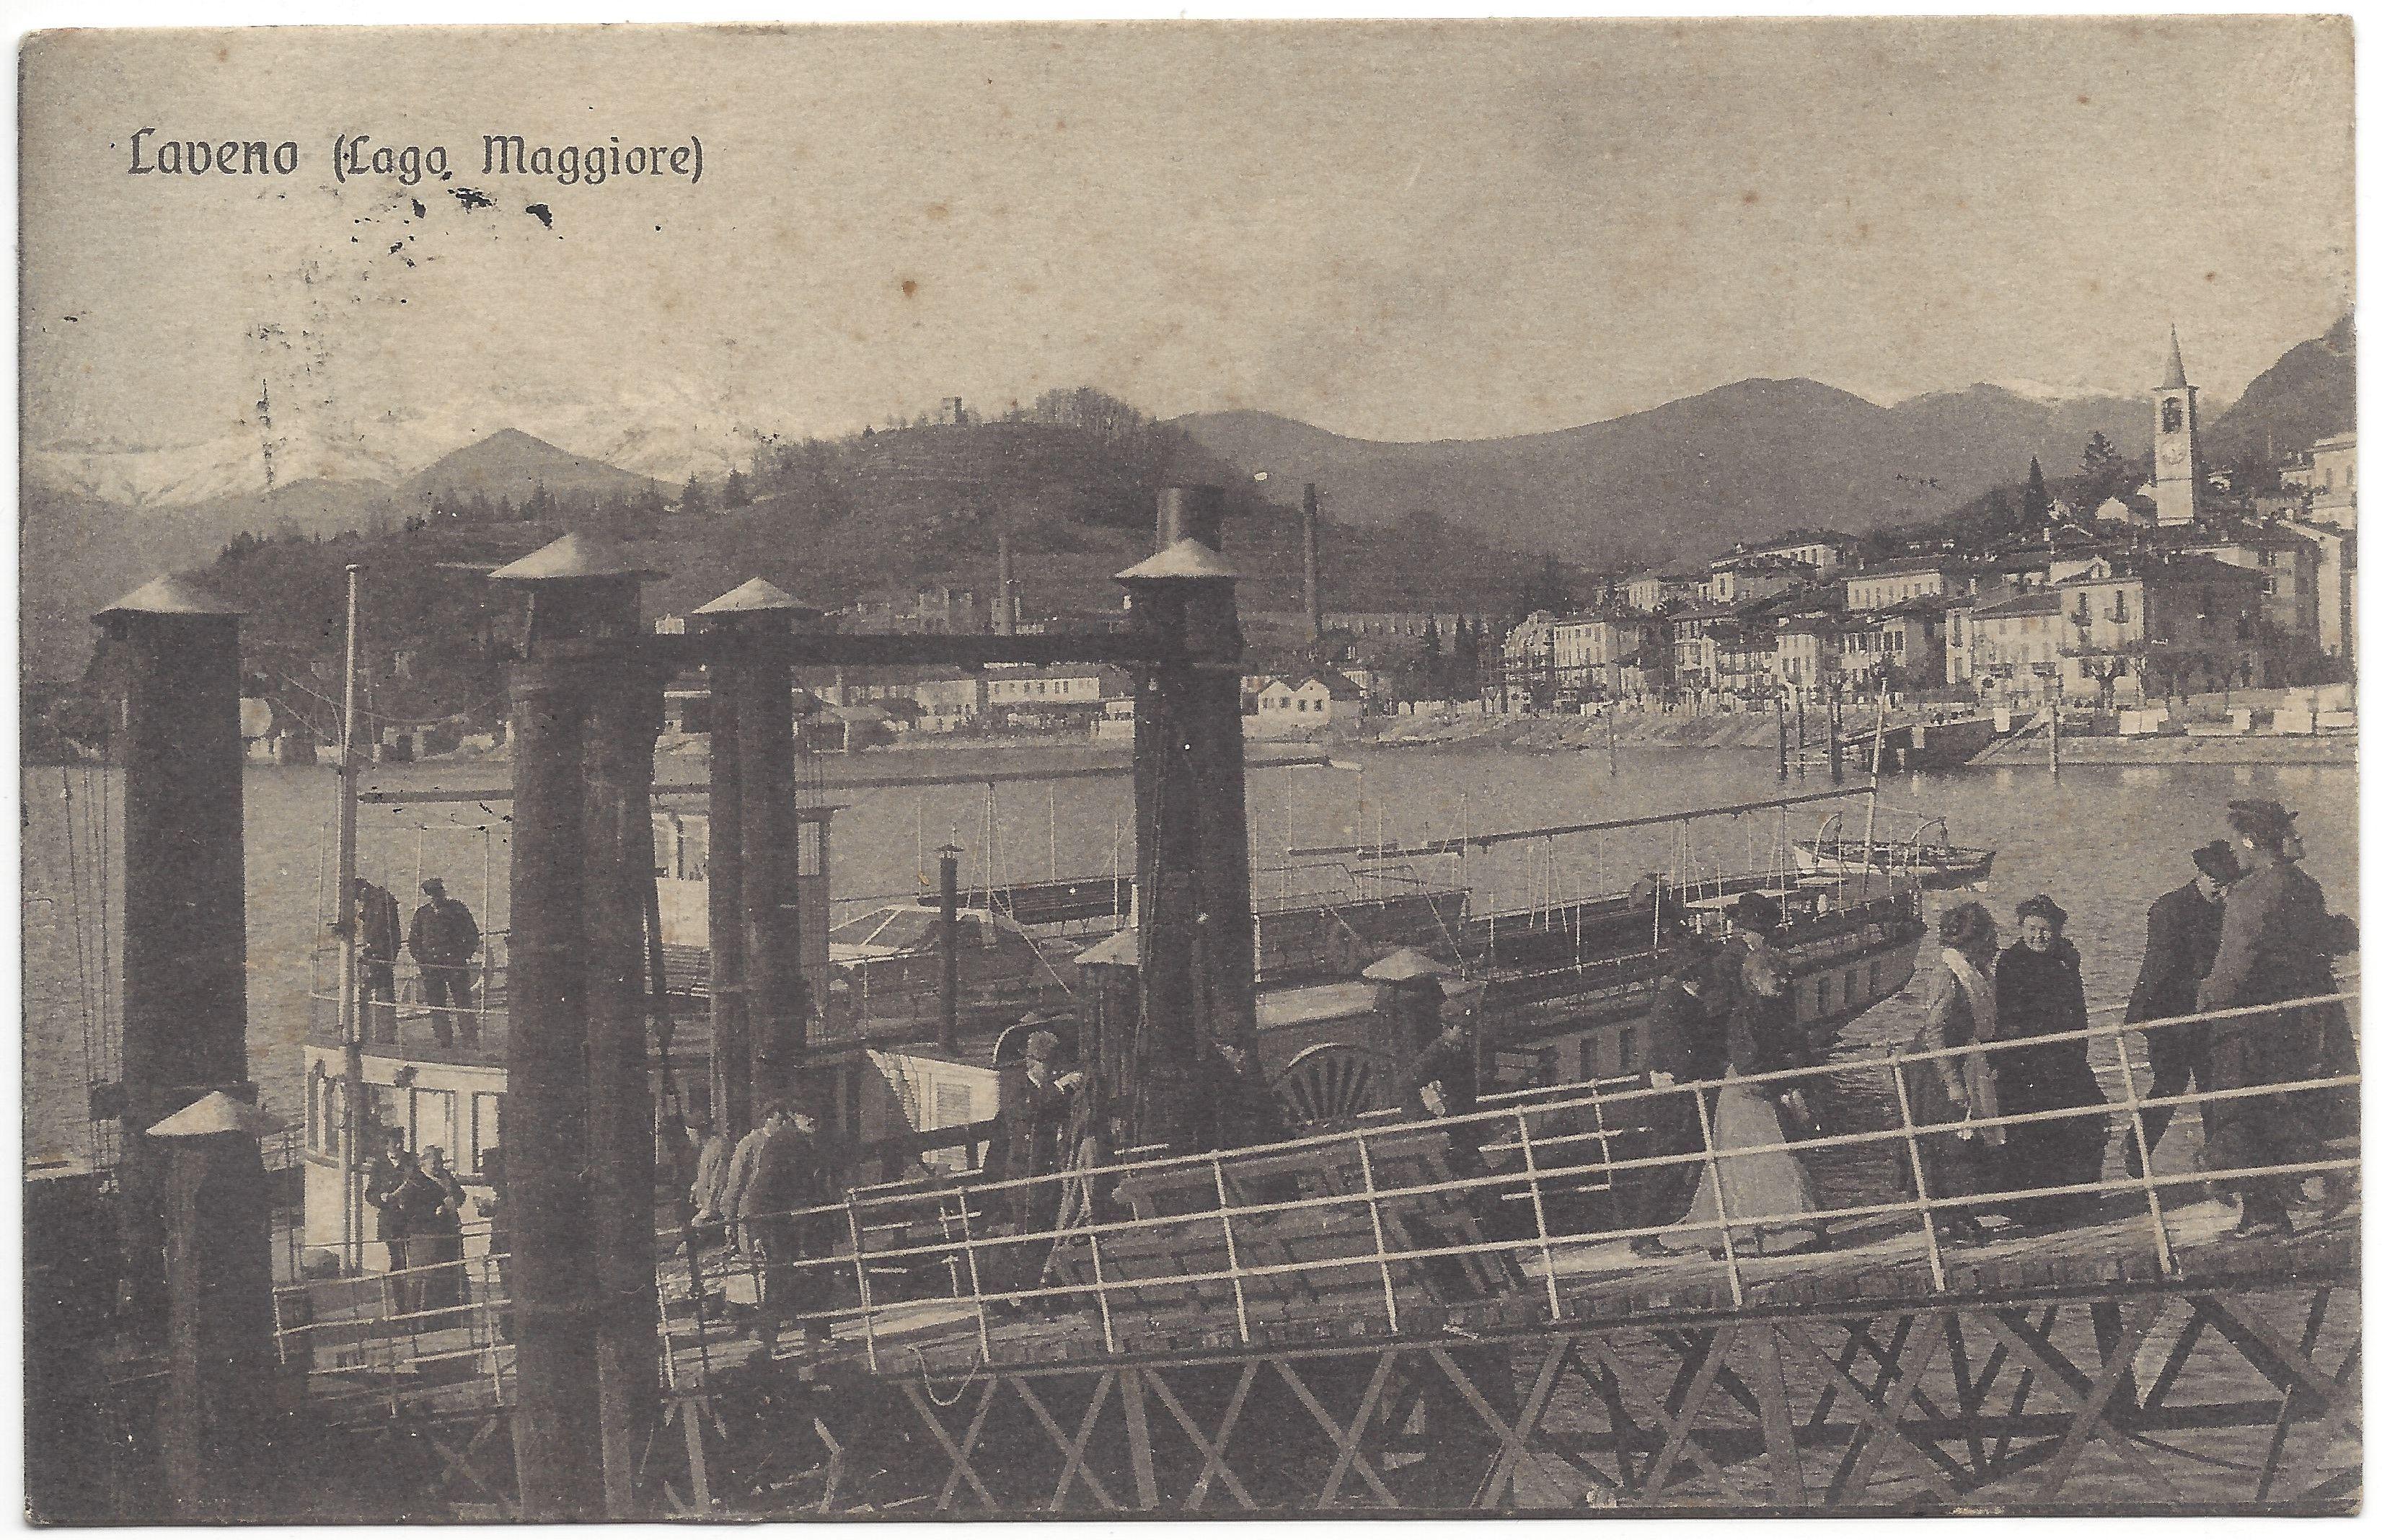 LAVENO (1918) (Lago Maggiore)